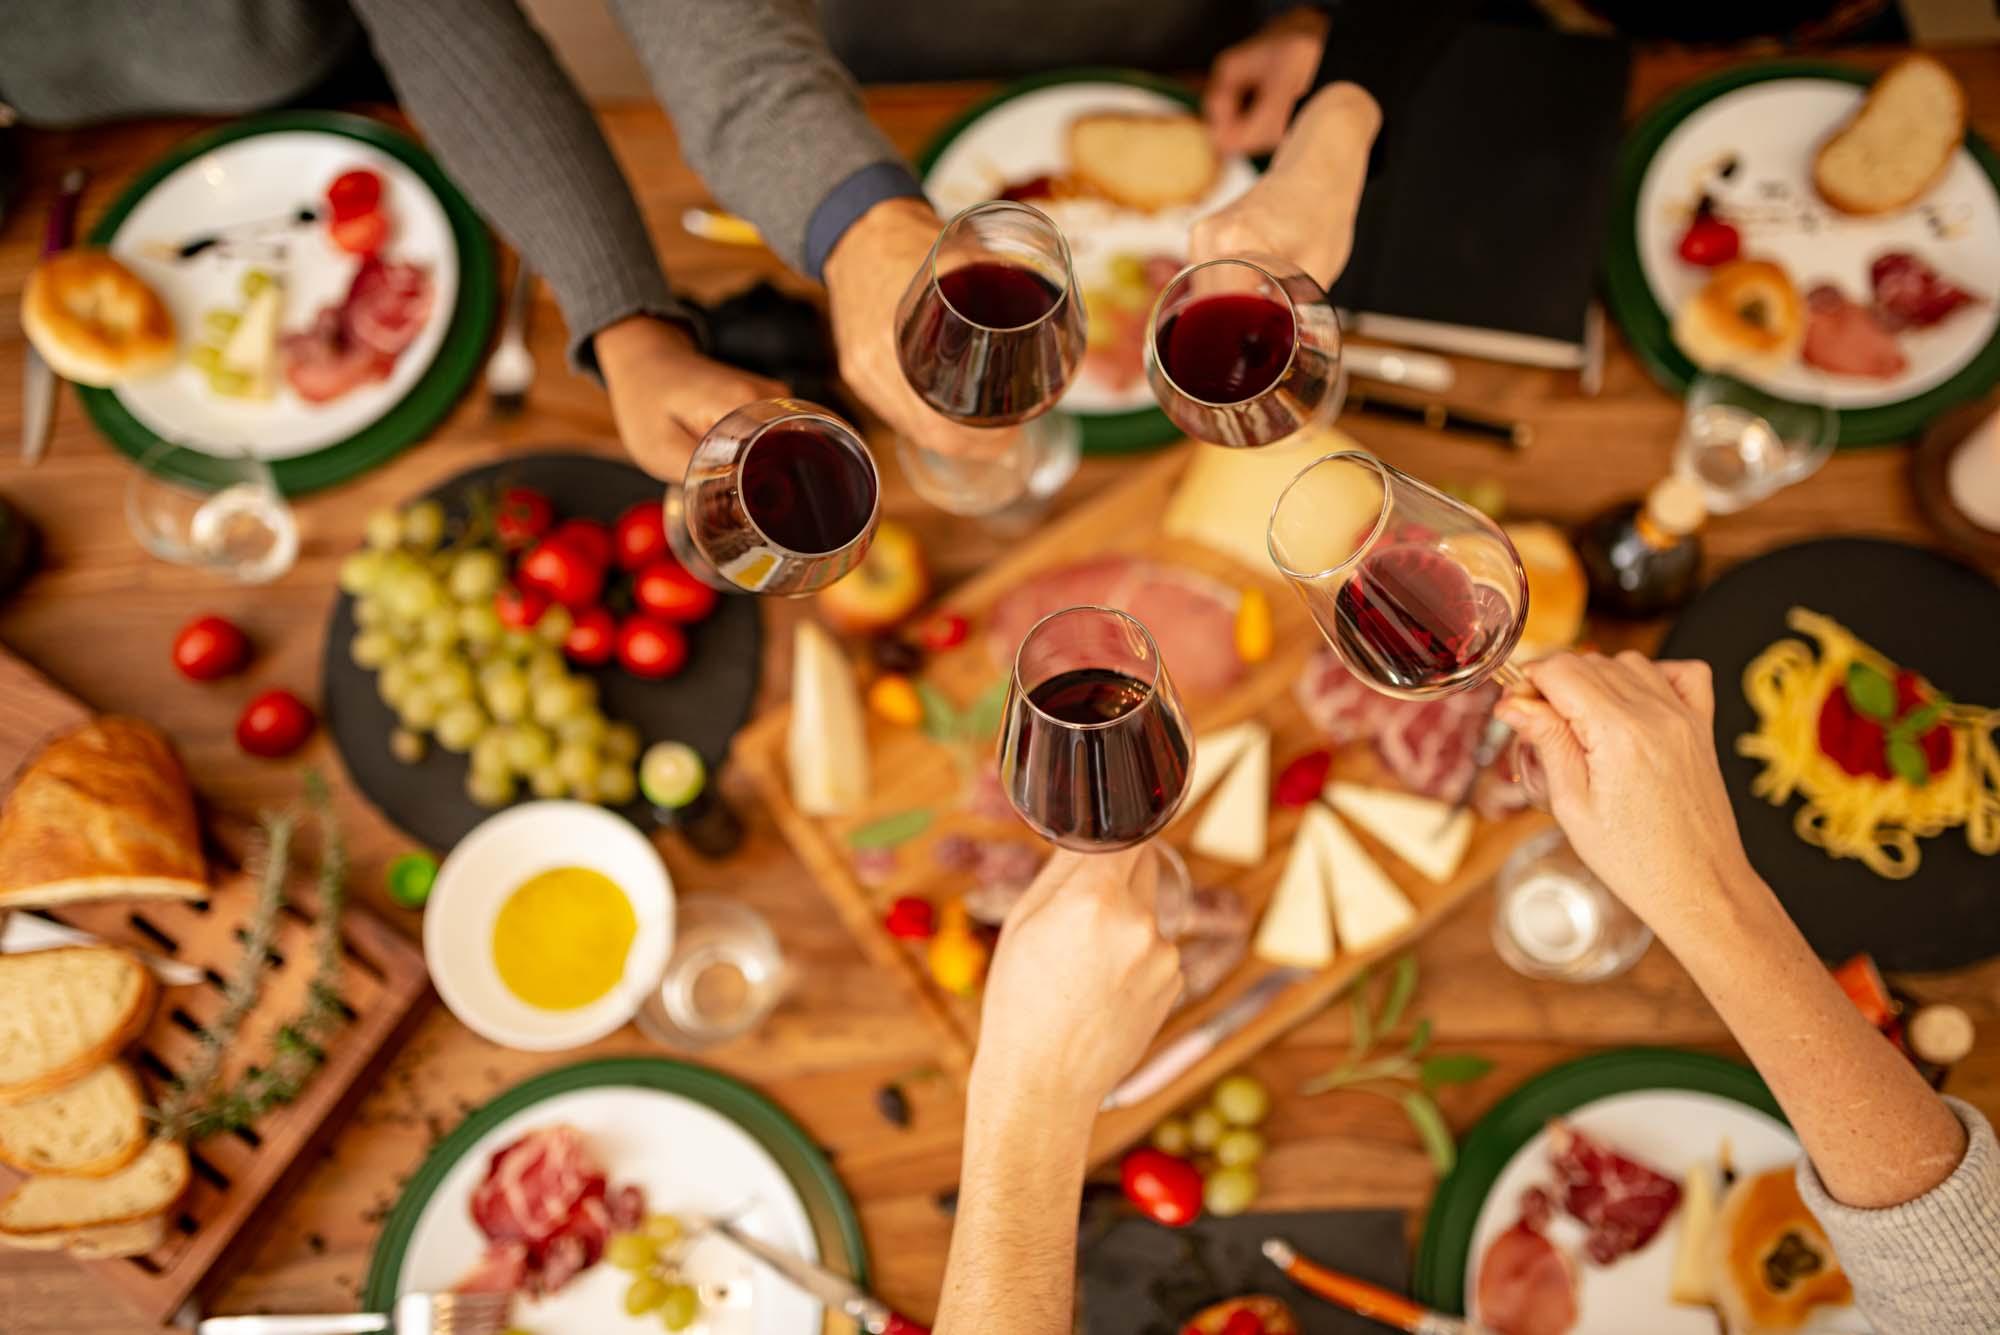 Cucina Amatoriale Formazione Manageriale a Catanzaro